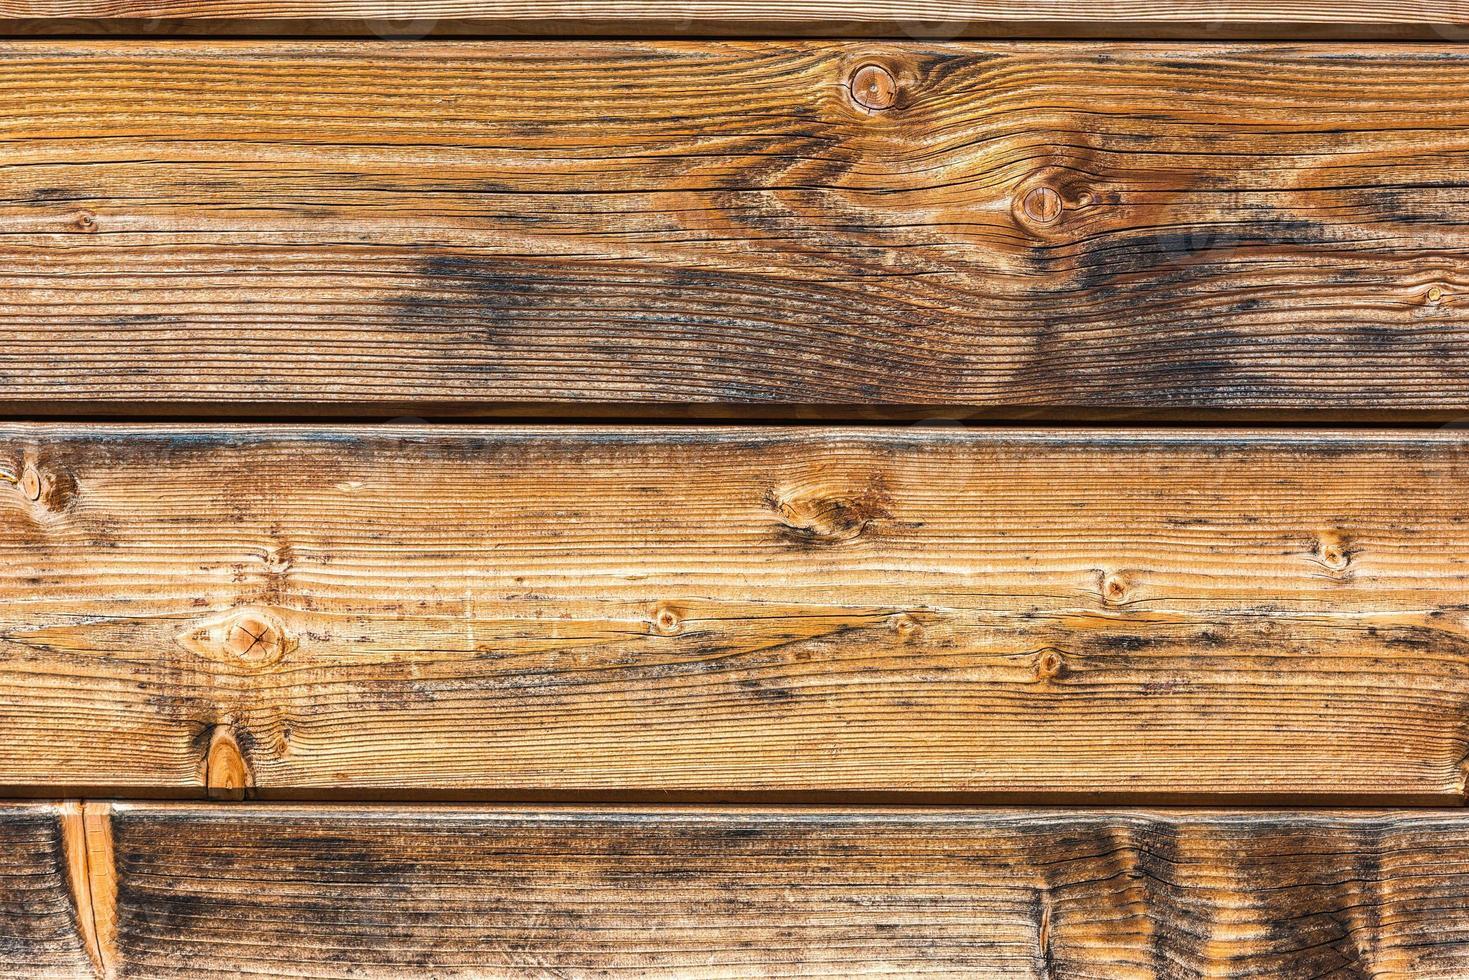 fond de surface de planche de bois ancien photo